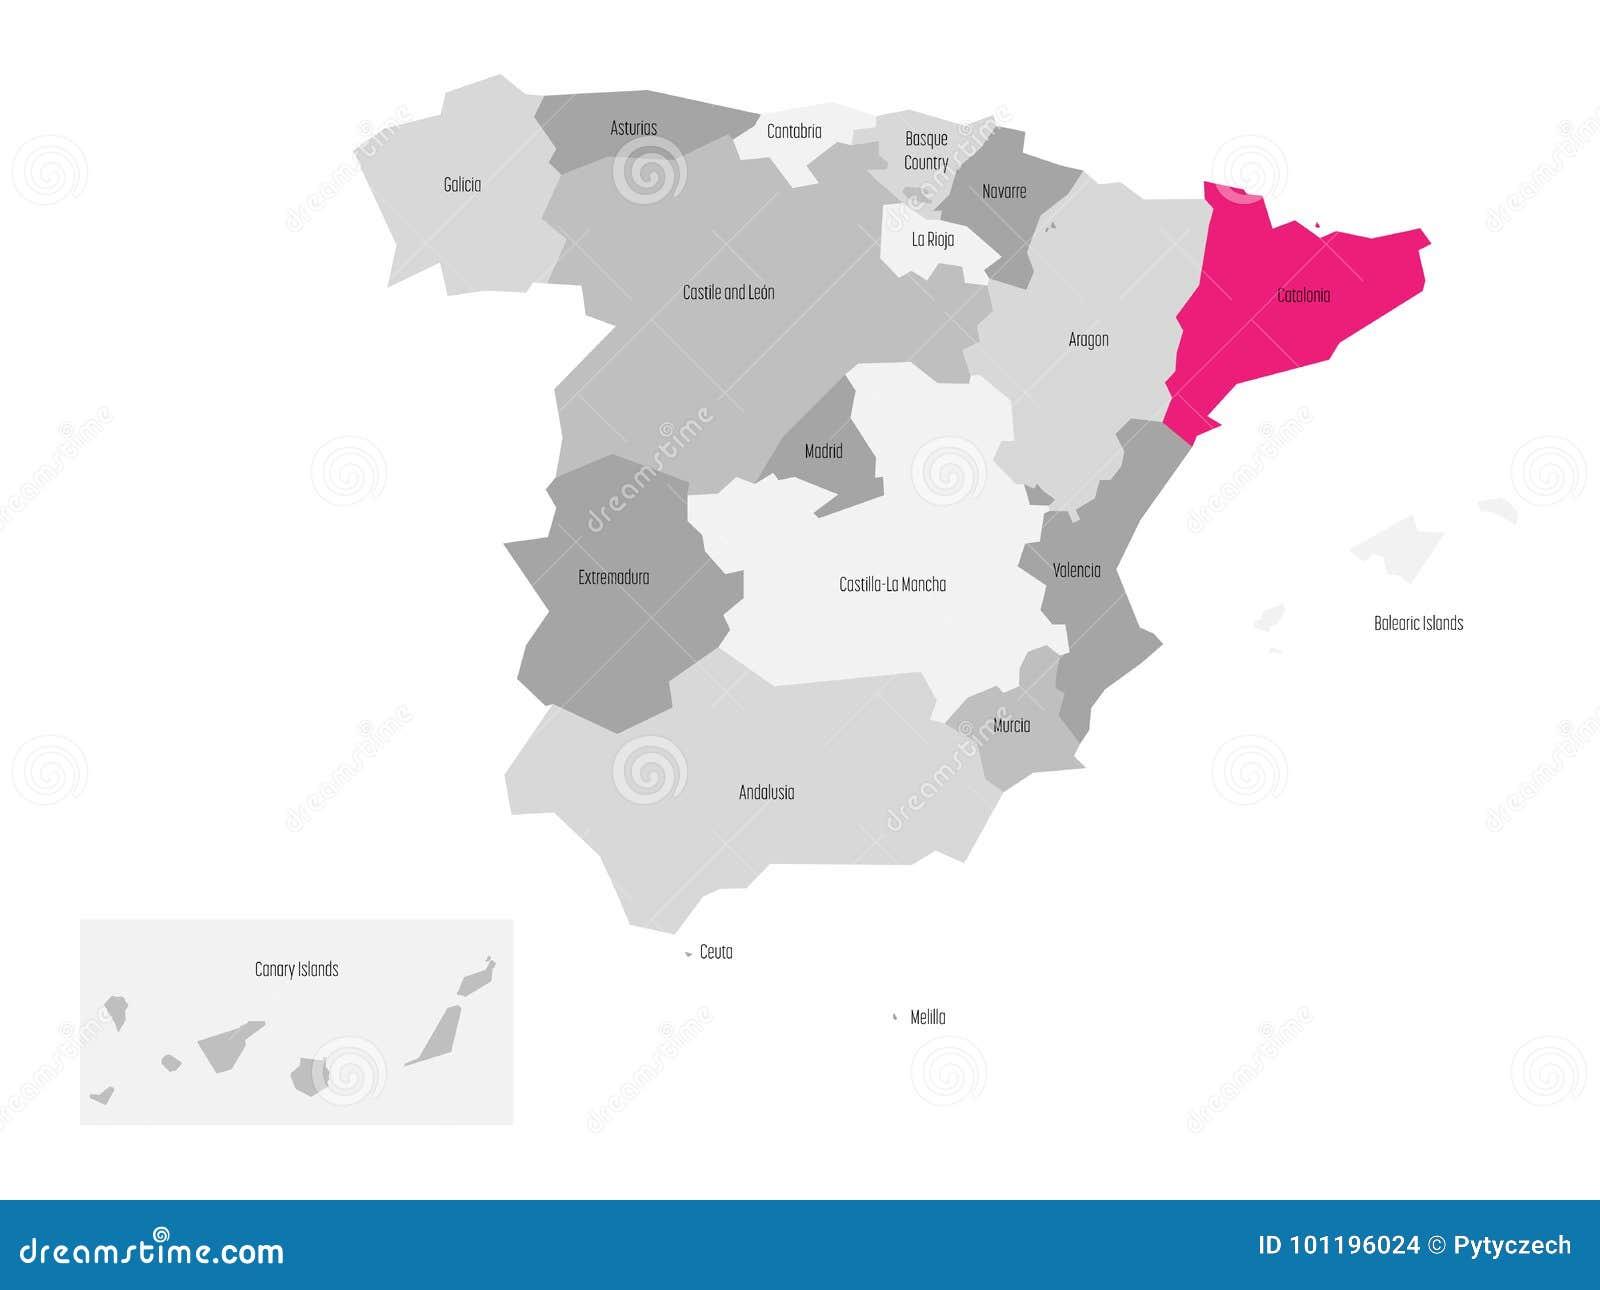 Spanien Katalonien Karte.Karte Von Spanien Teilte Sich Zu 17 Administrativen